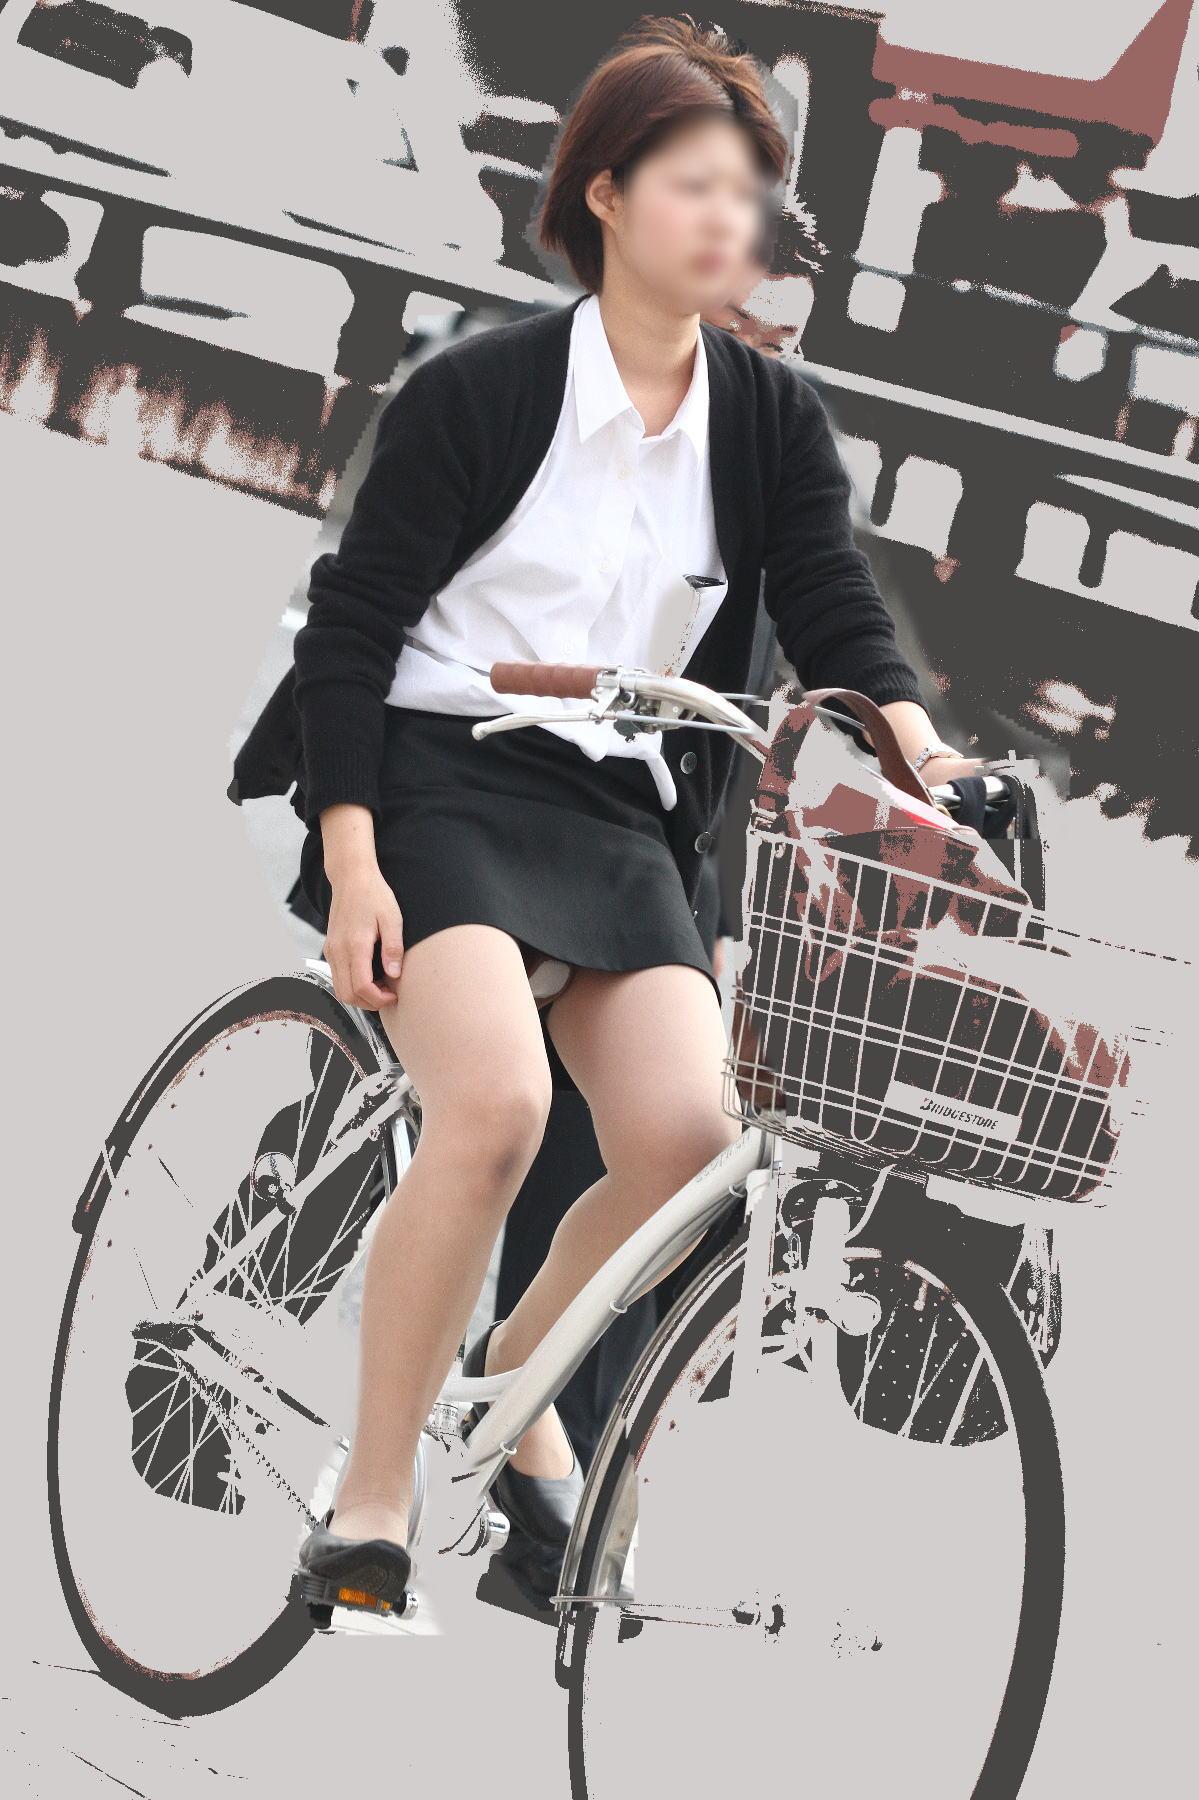 自転車OLタイトスカートずり上げ盗撮エロ画像8枚目